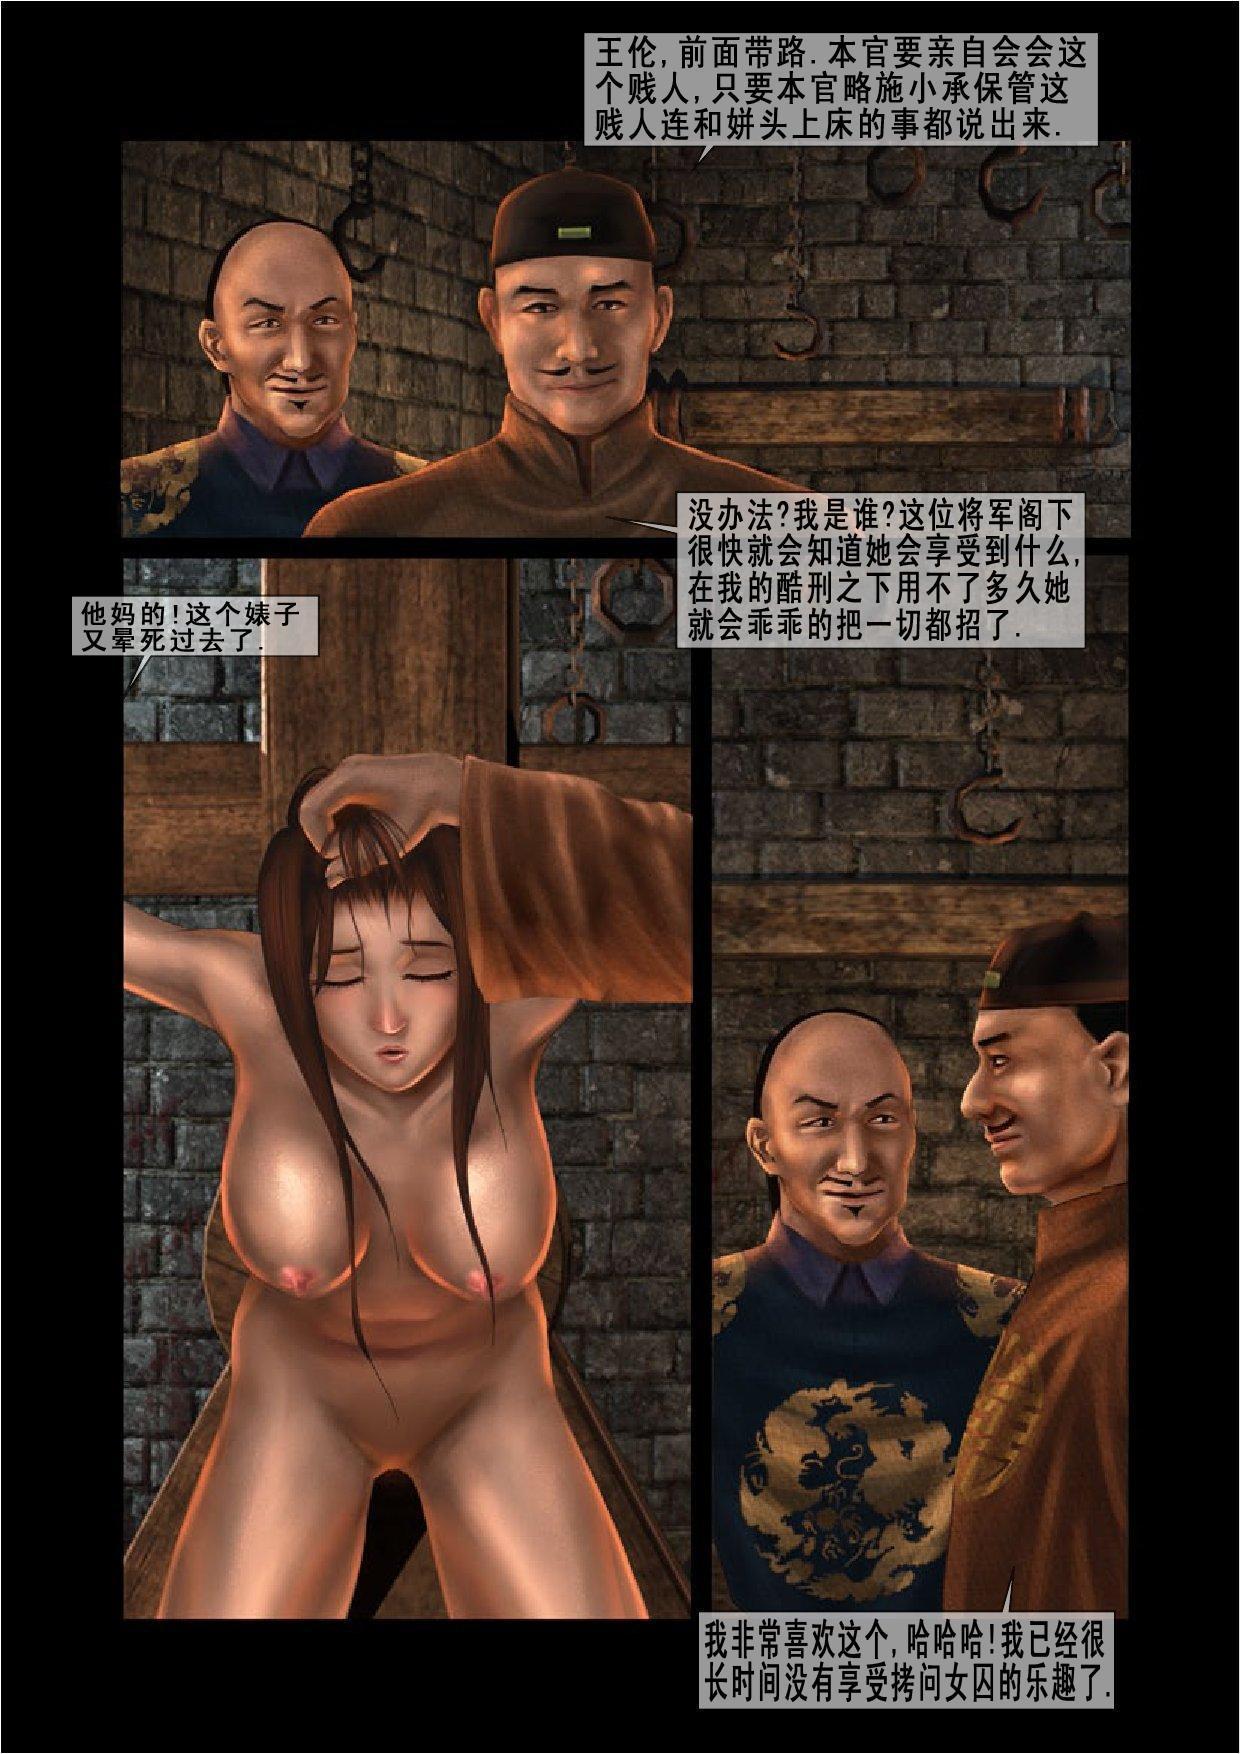 中国军阀的性奴1 14